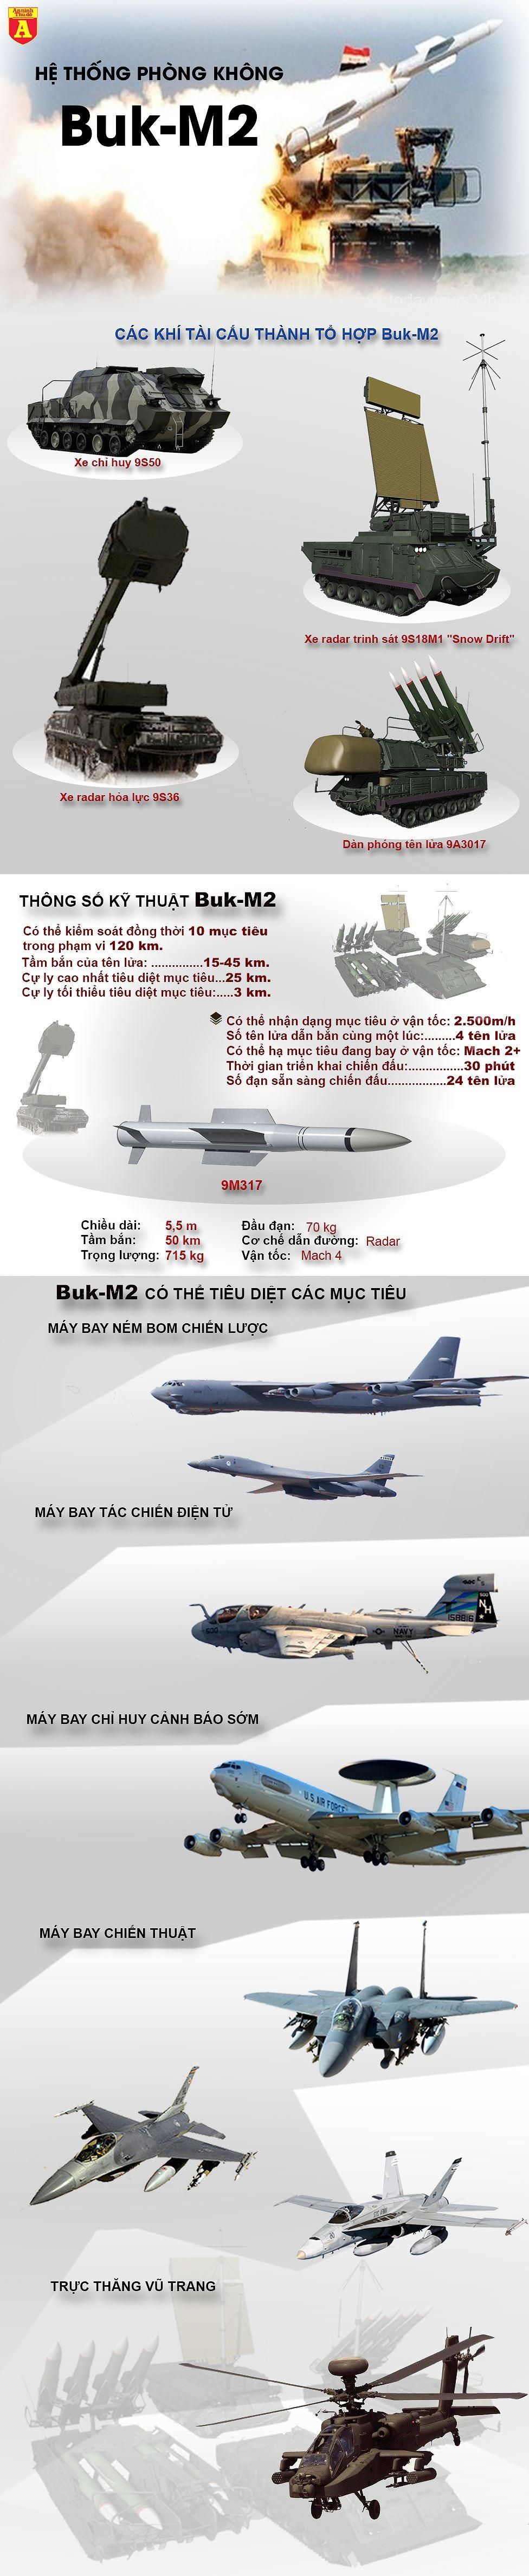 """[Infographic] """"Lưới thép"""" Buk-M2A Syria dễ khiến chiến đấu cơ Israel bị """"víu"""" nhất ảnh 2"""